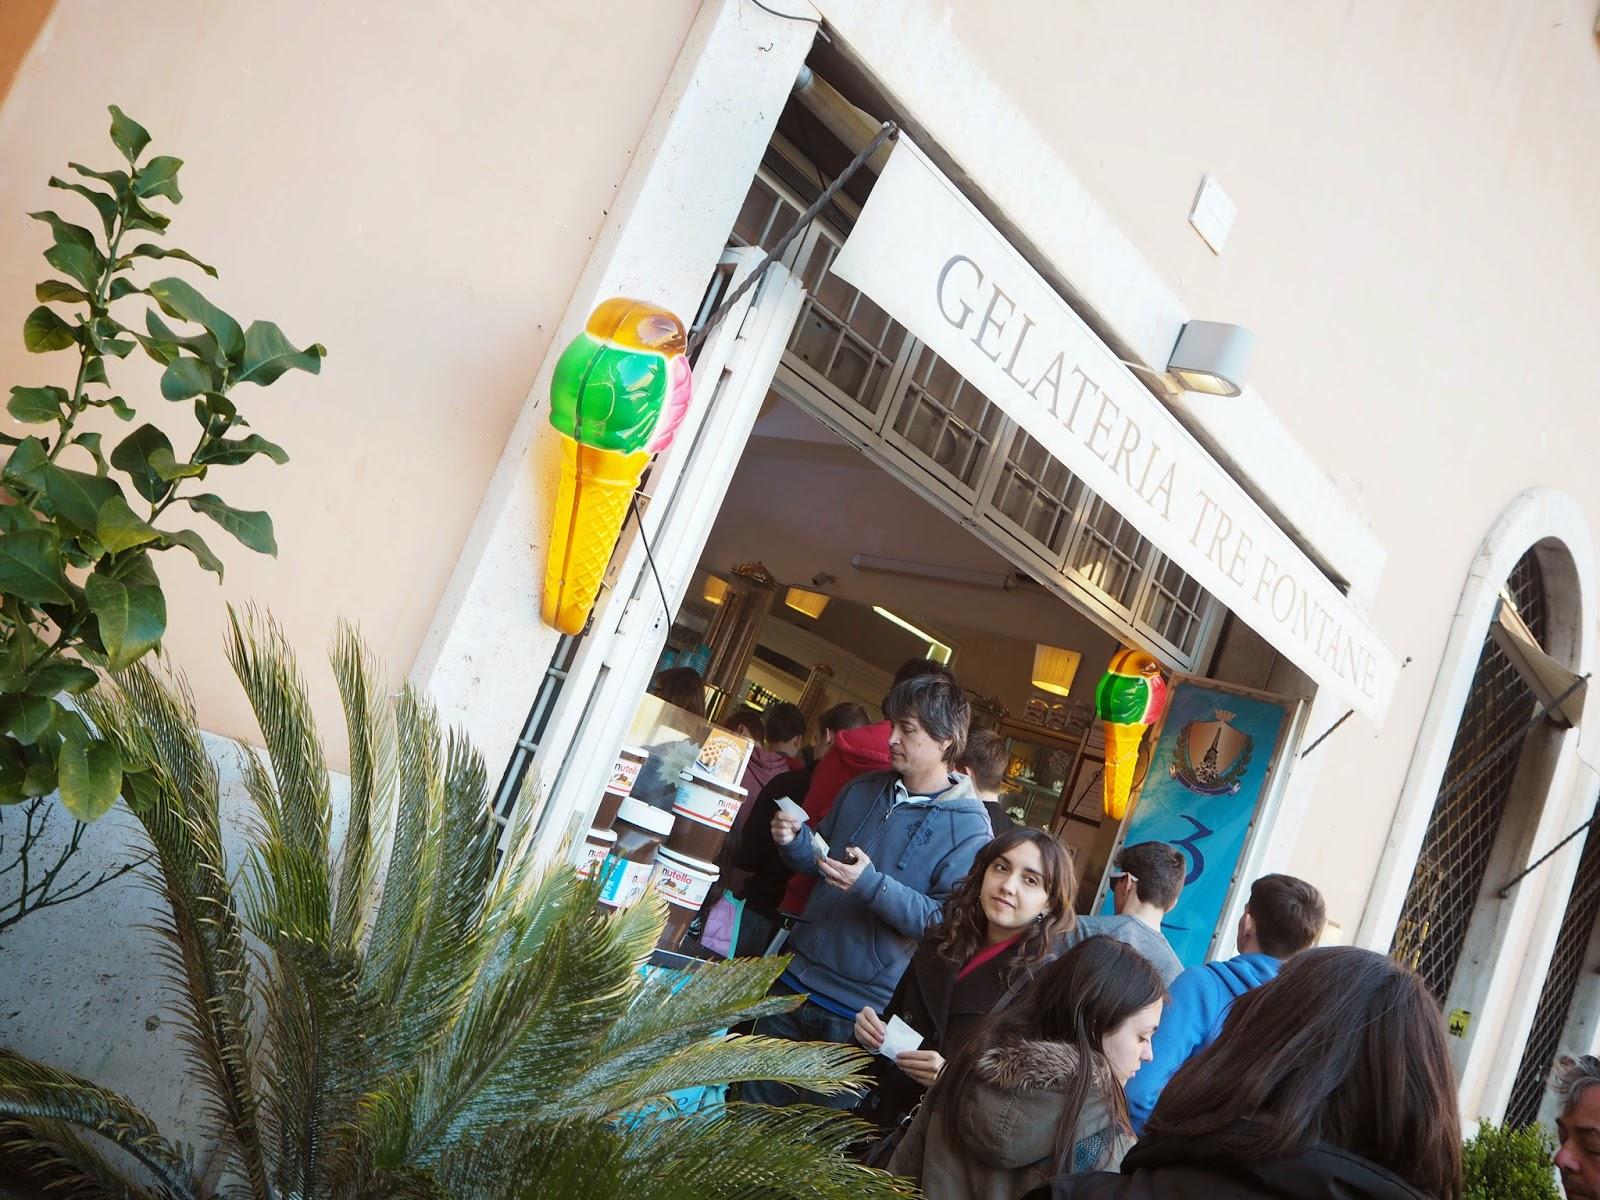 gelateria tre fontane, gelateria, rome, roma, rooma, italia, italy, jäätelö, gelato, ice cream, ice cream bar, menta, minttu, green, jäätelö, vihreä, piazza navona,